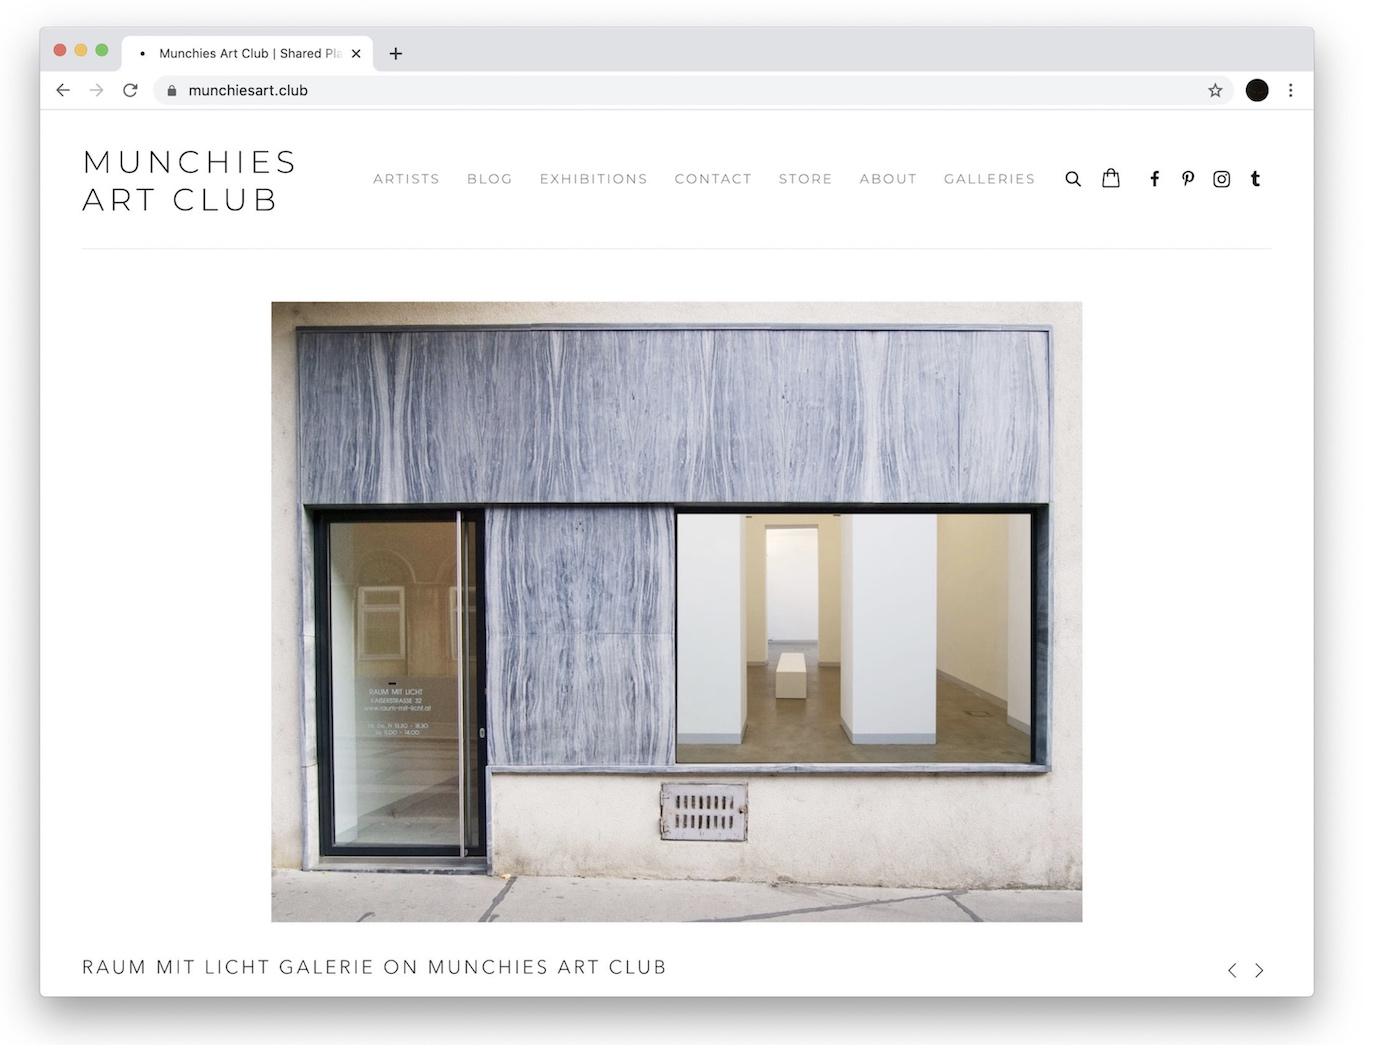 gallery raum mit licht, munchies art club